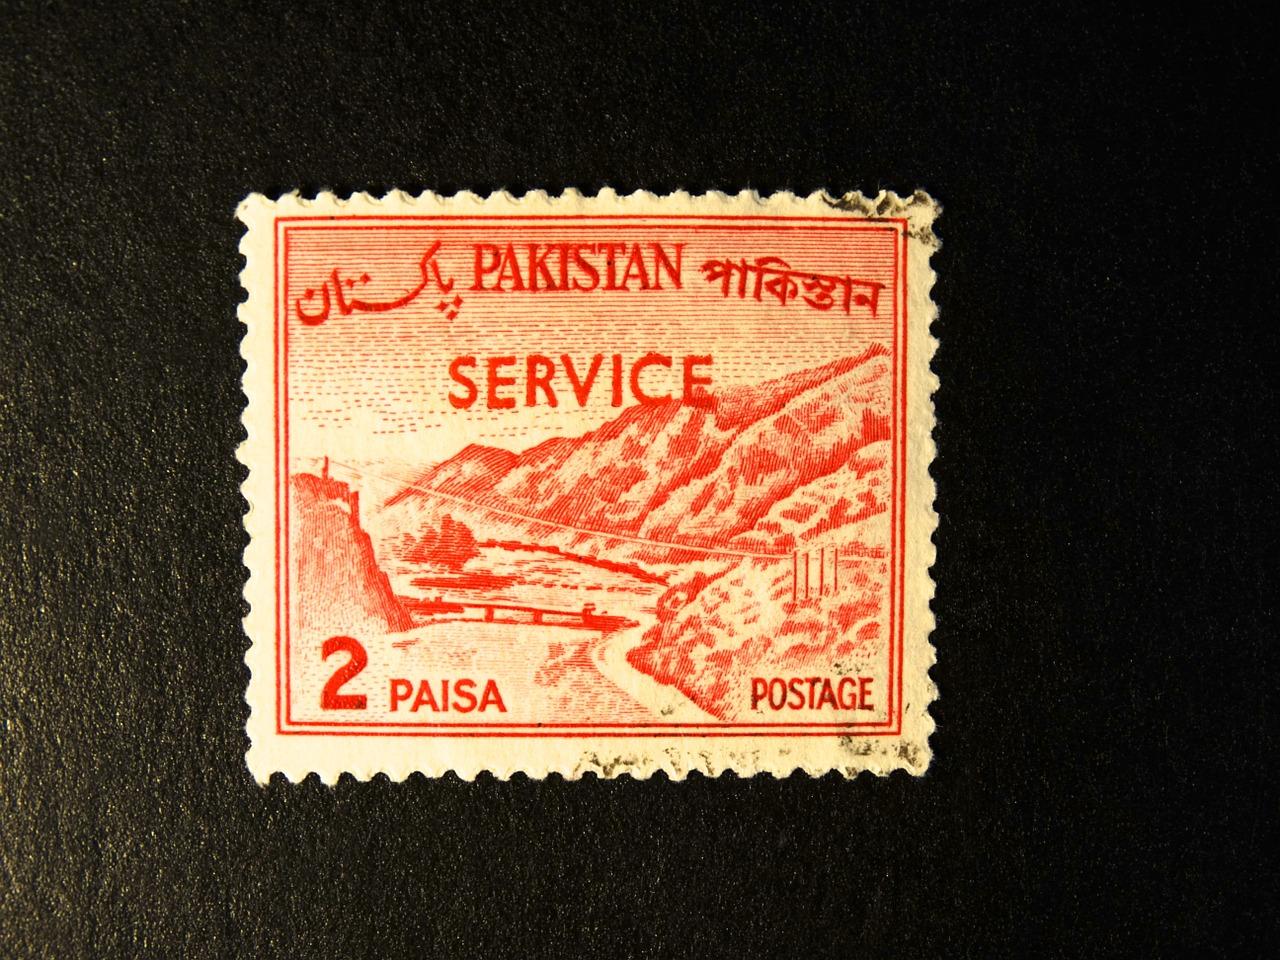 Дипломатические сюжеты. Пакистанские контрасты